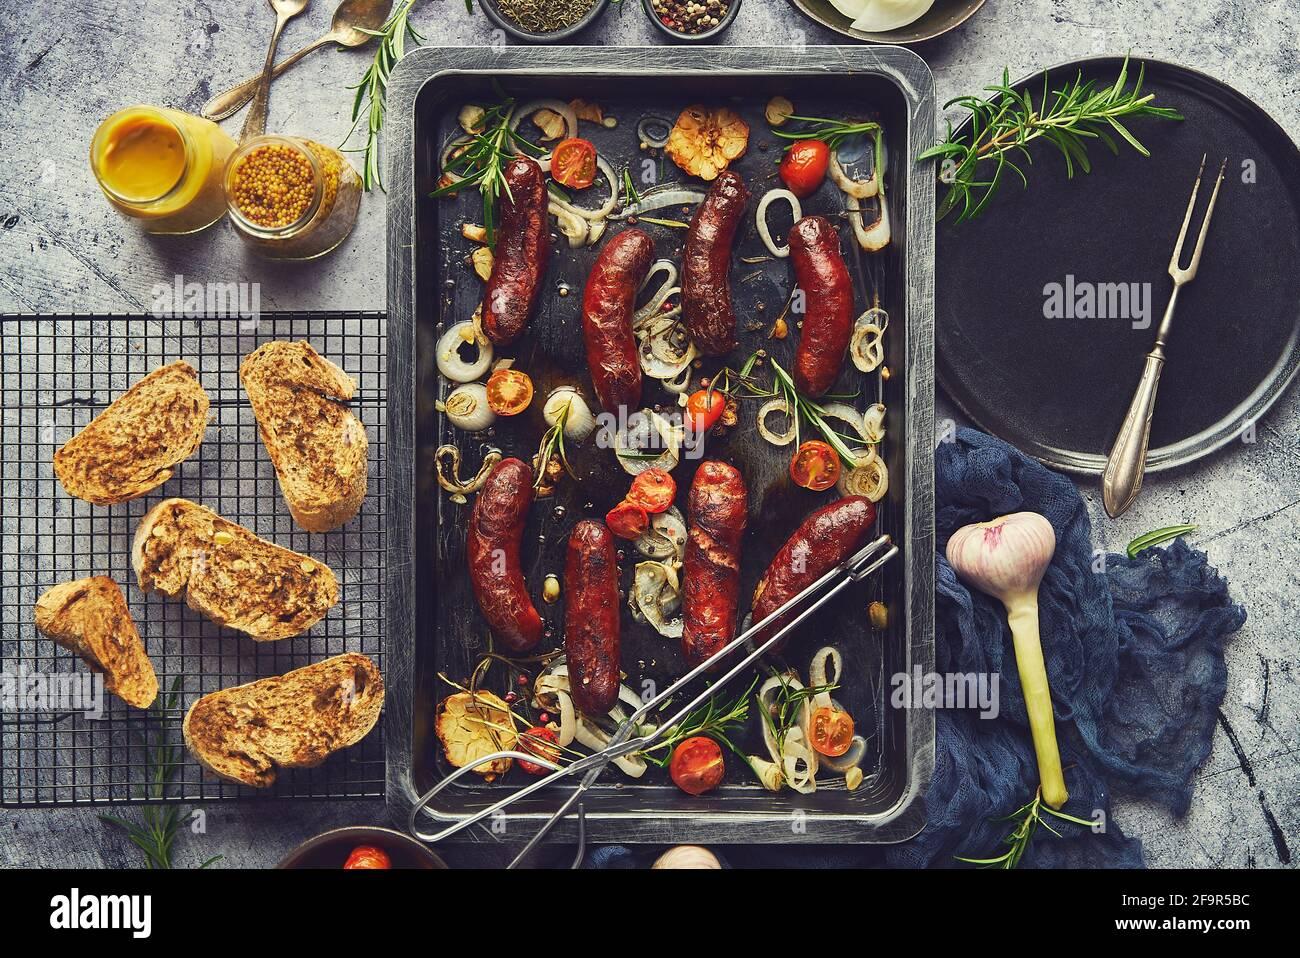 Deliciosas salchichas a la parrilla servidas en bandeja de metal oxidada con verduras a la barbacoa Foto de stock